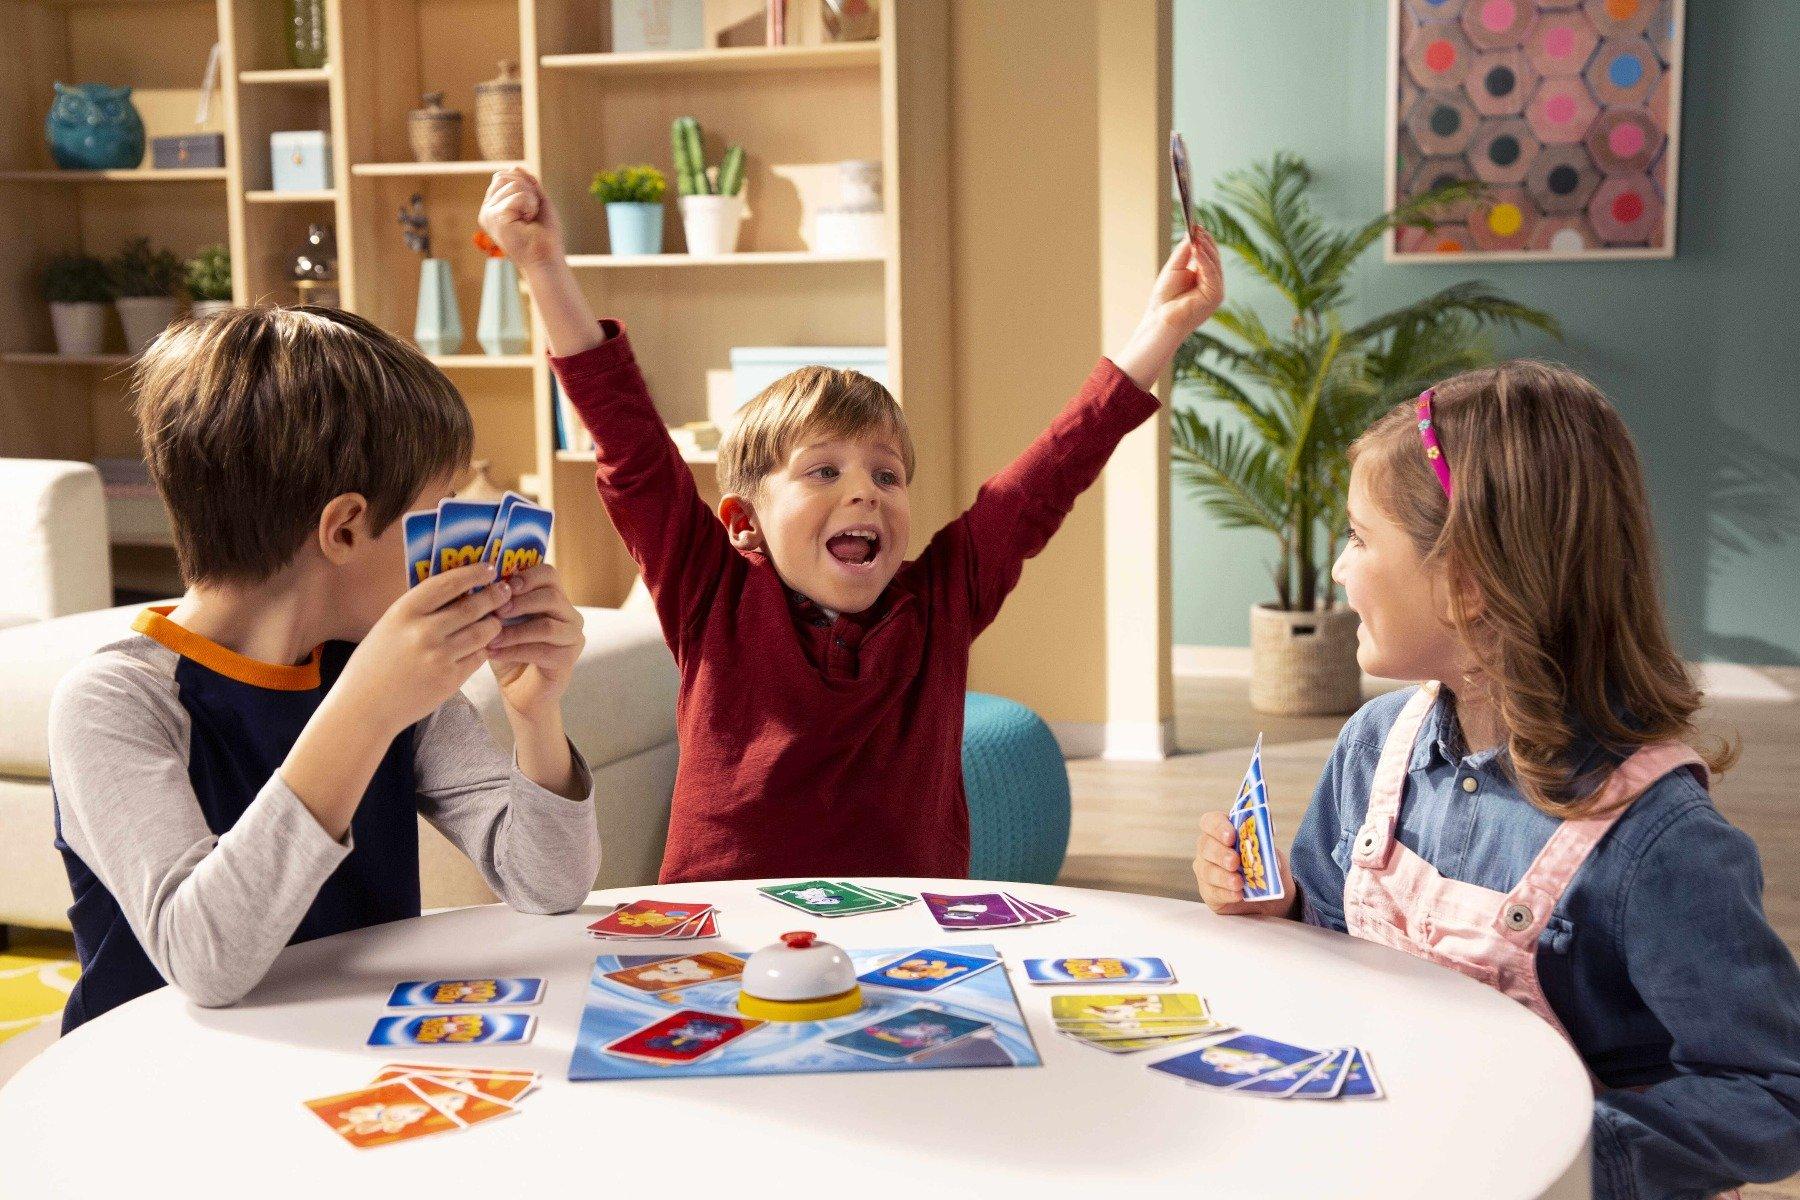 Dzieci grające w Boom boom